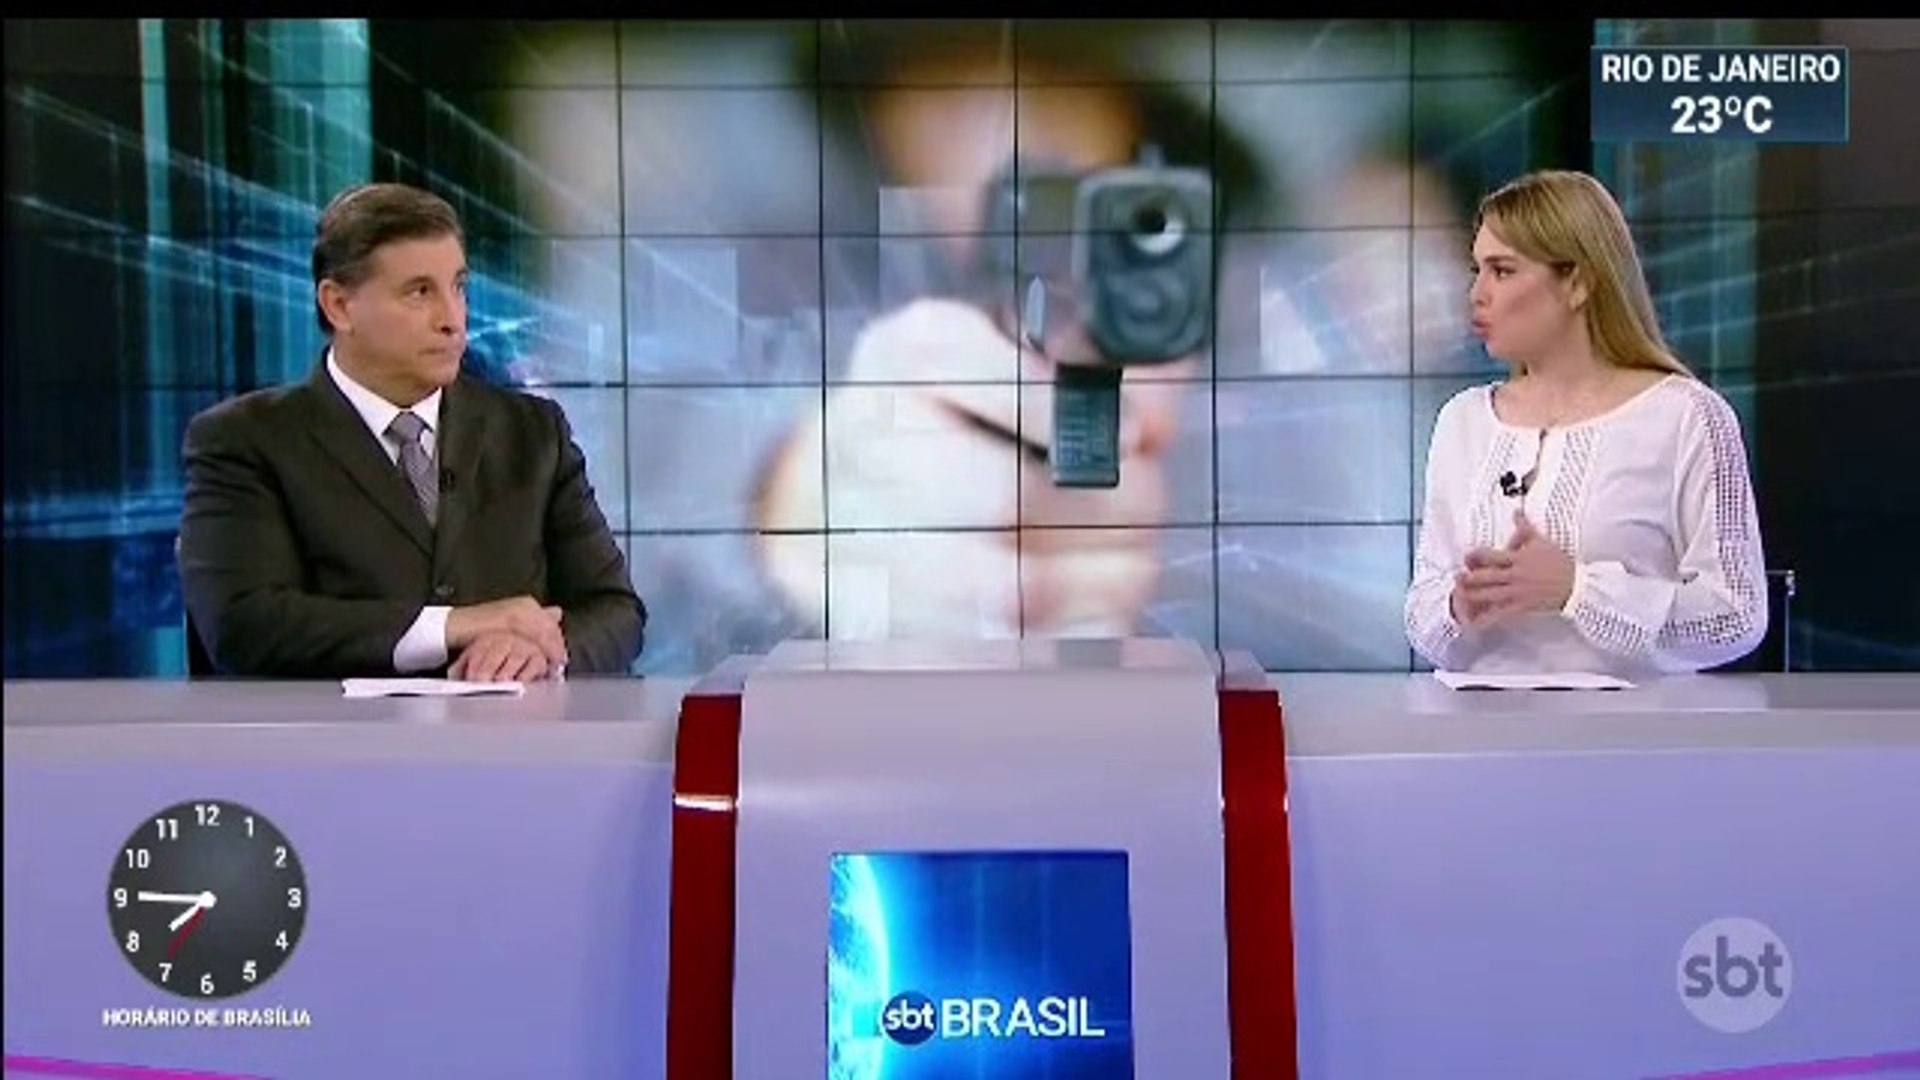 Inicio SBT Brasil com Carlos Nascimento e Rachel Sheherazade (17/06/2019) (19h44) (O mesmo dia da es